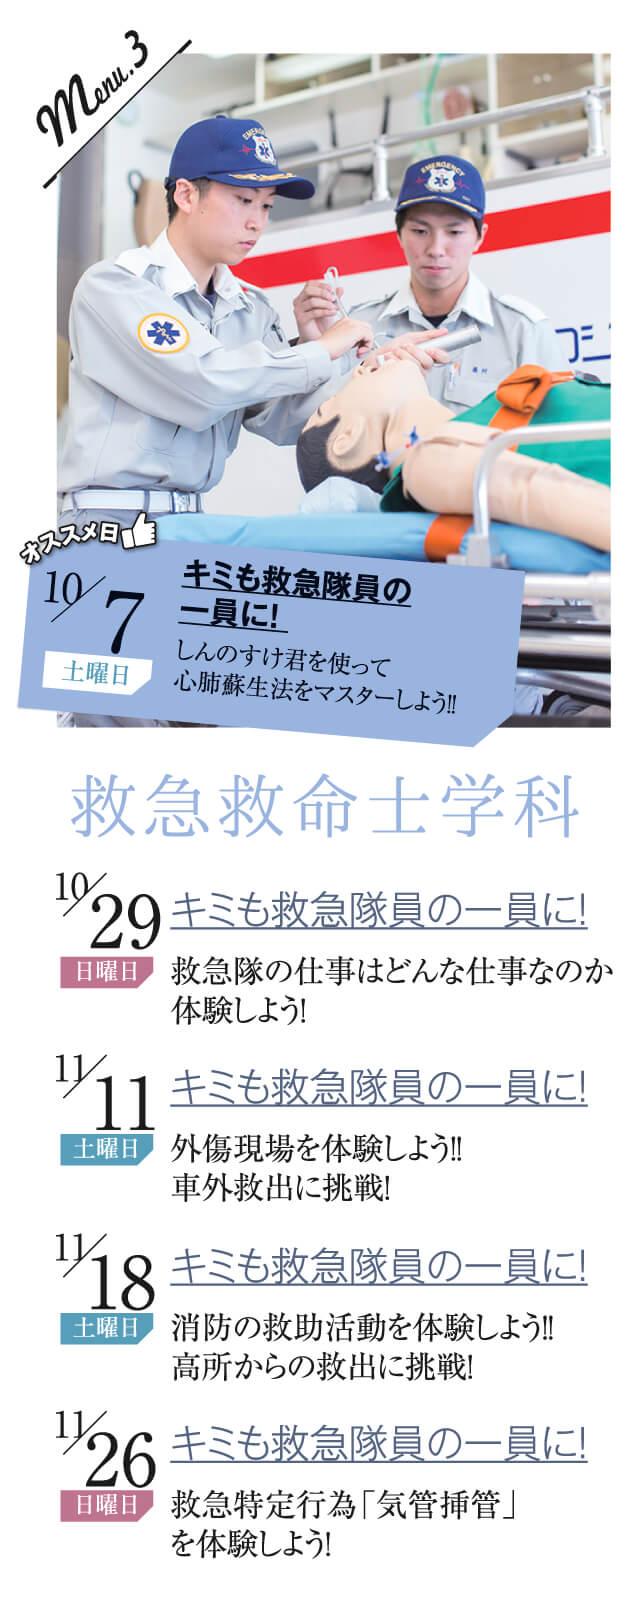 20170925_お知らせ-05